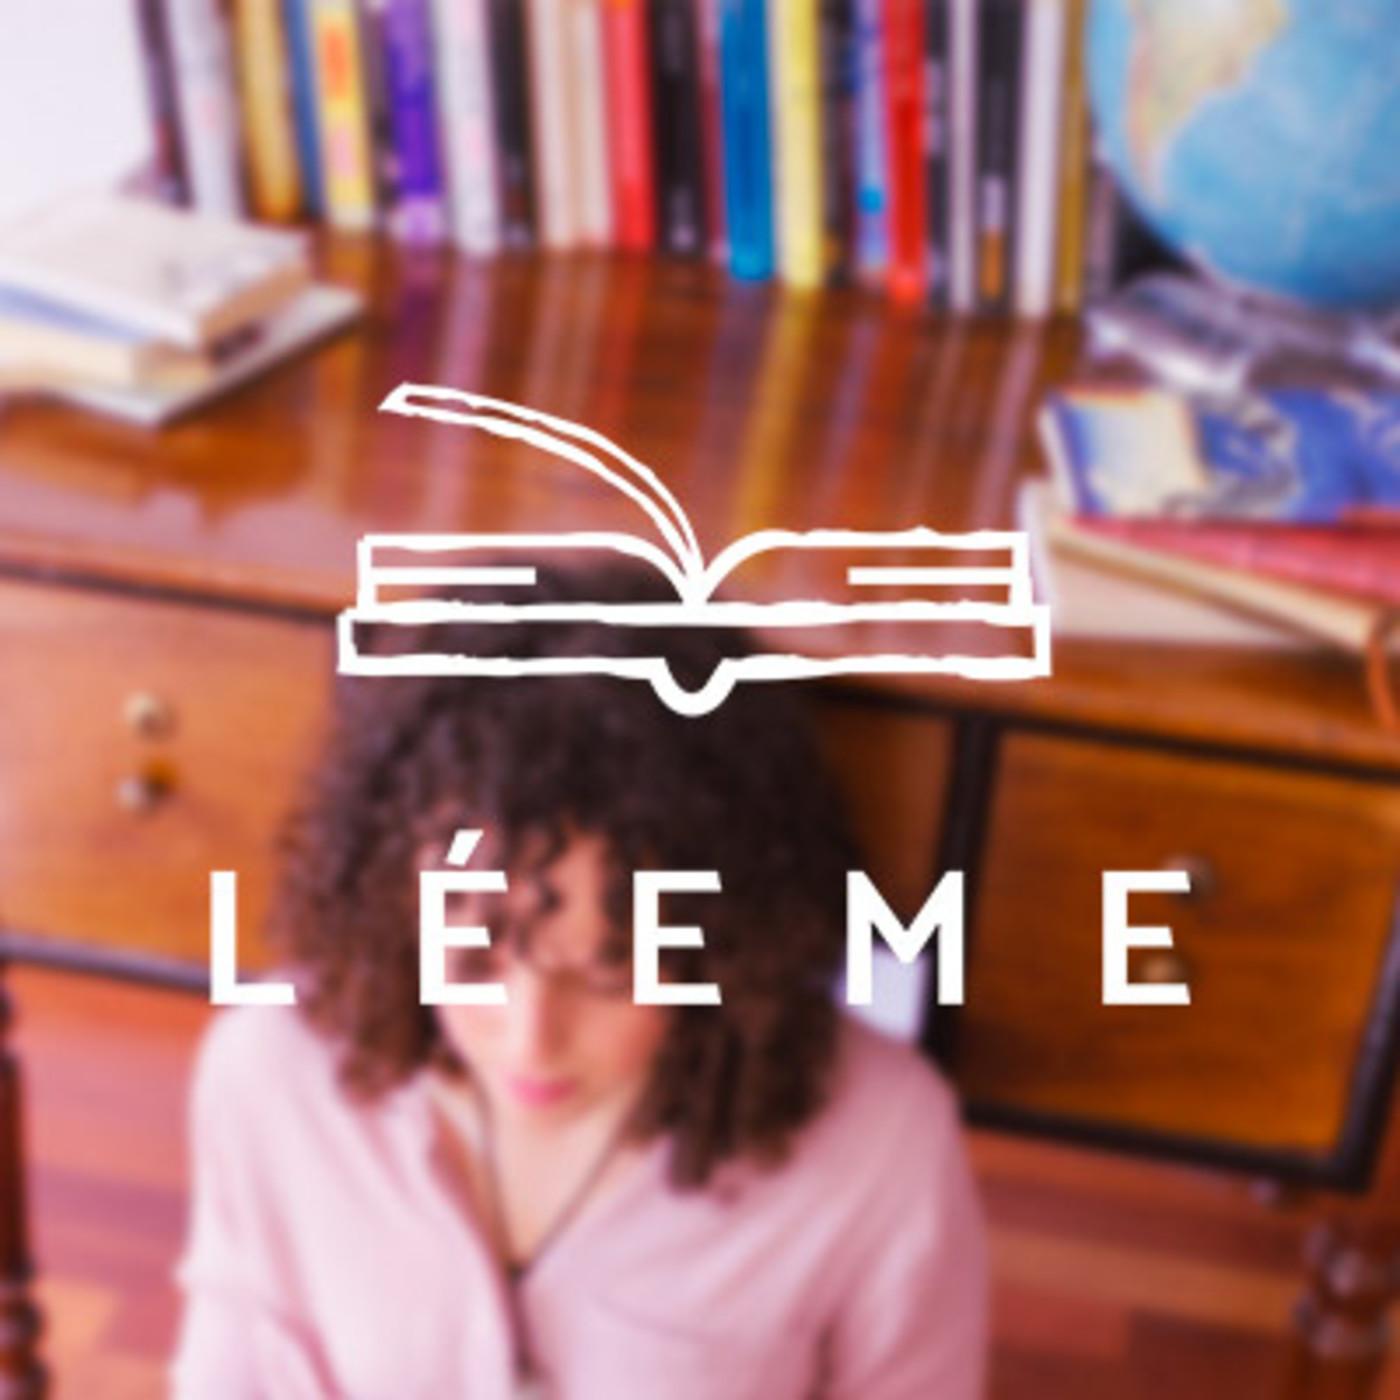 Segunda parte de la historia de Léeme. Me llevo los libros a la tele y a la radio